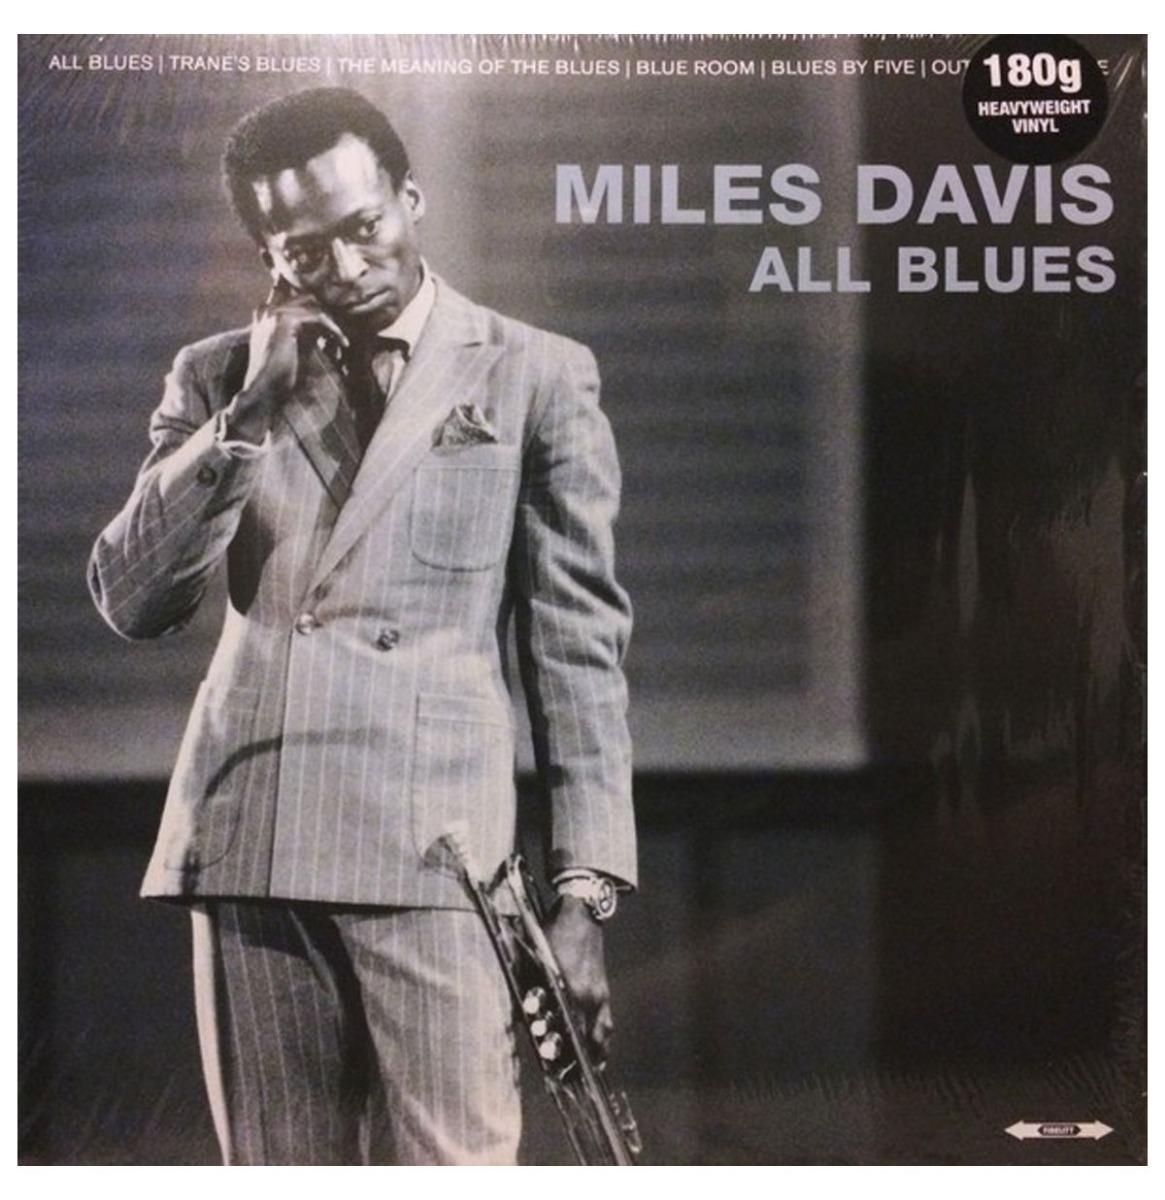 Miles Davis - All Blues LP